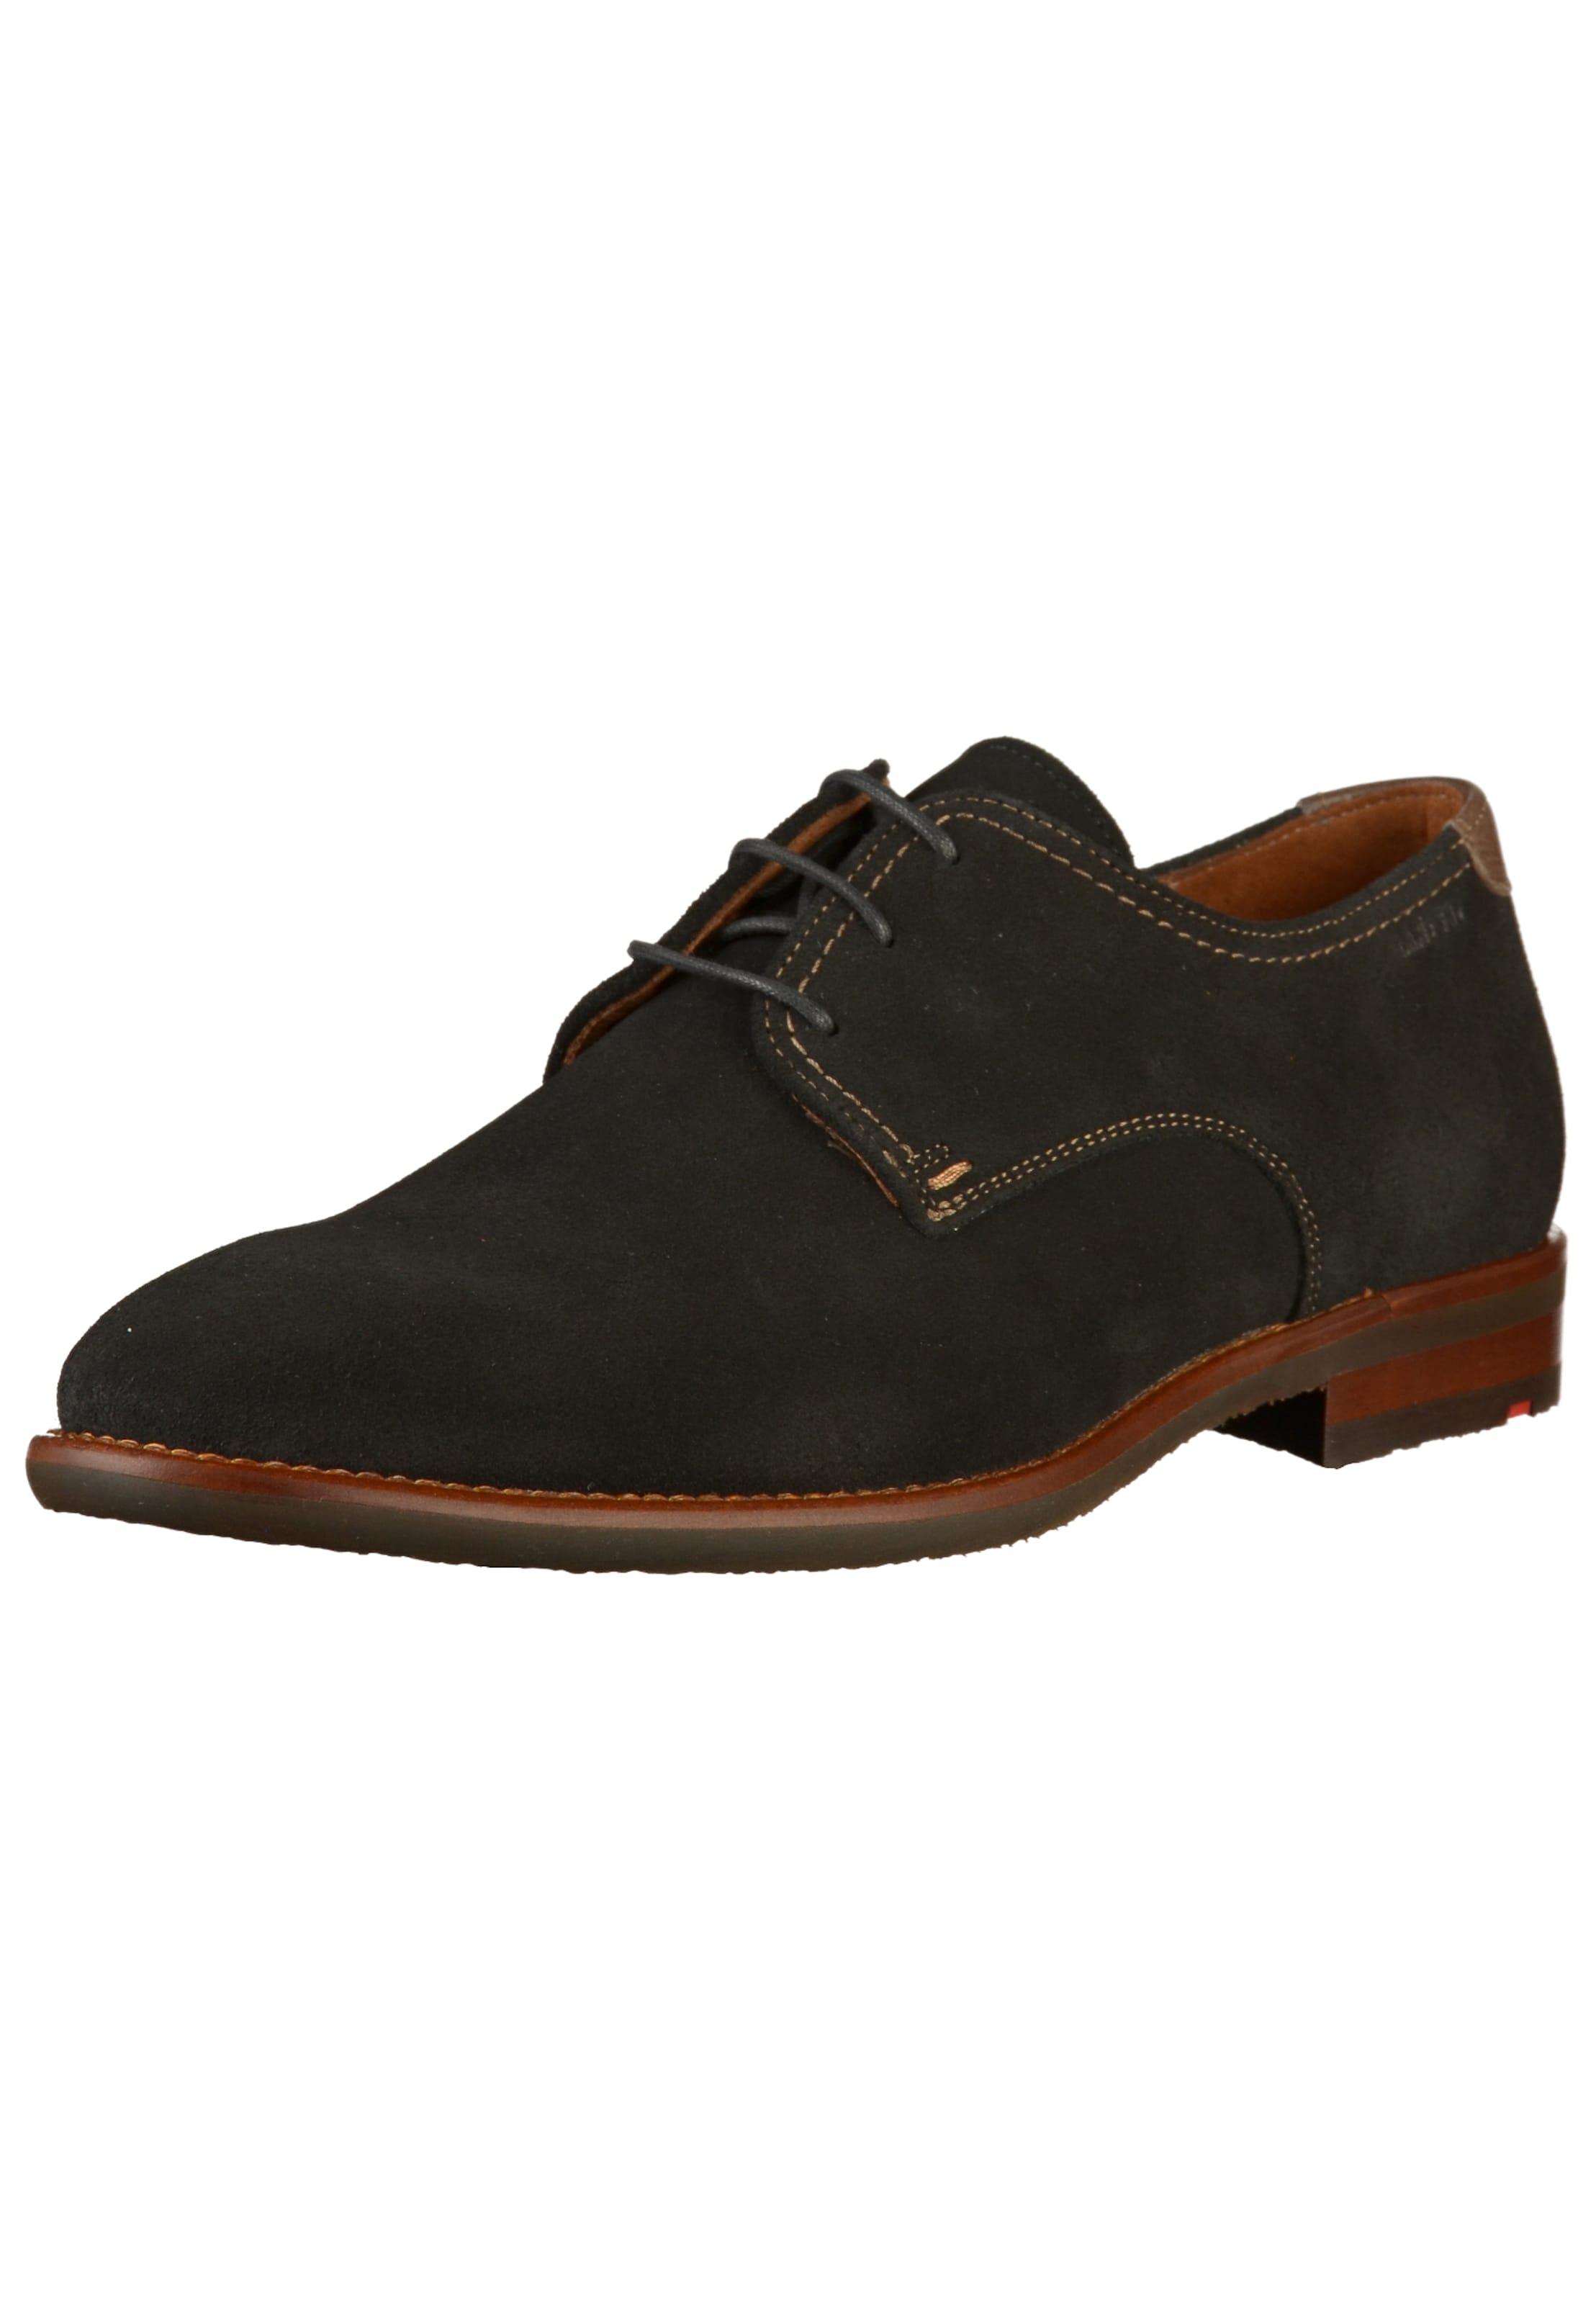 LLOYD Businessschuhe Verschleißfeste billige Schuhe Hohe Qualität